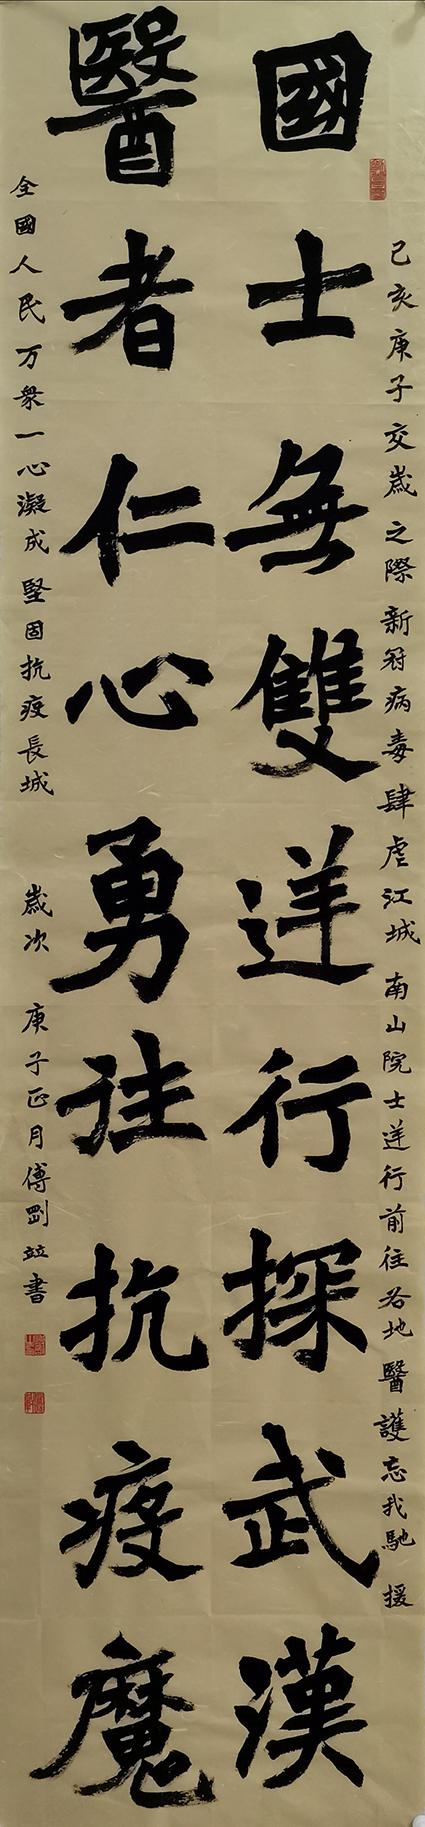 傅剛國士無雙逆行探武漢,醫者仁心勇往抗疫魔。